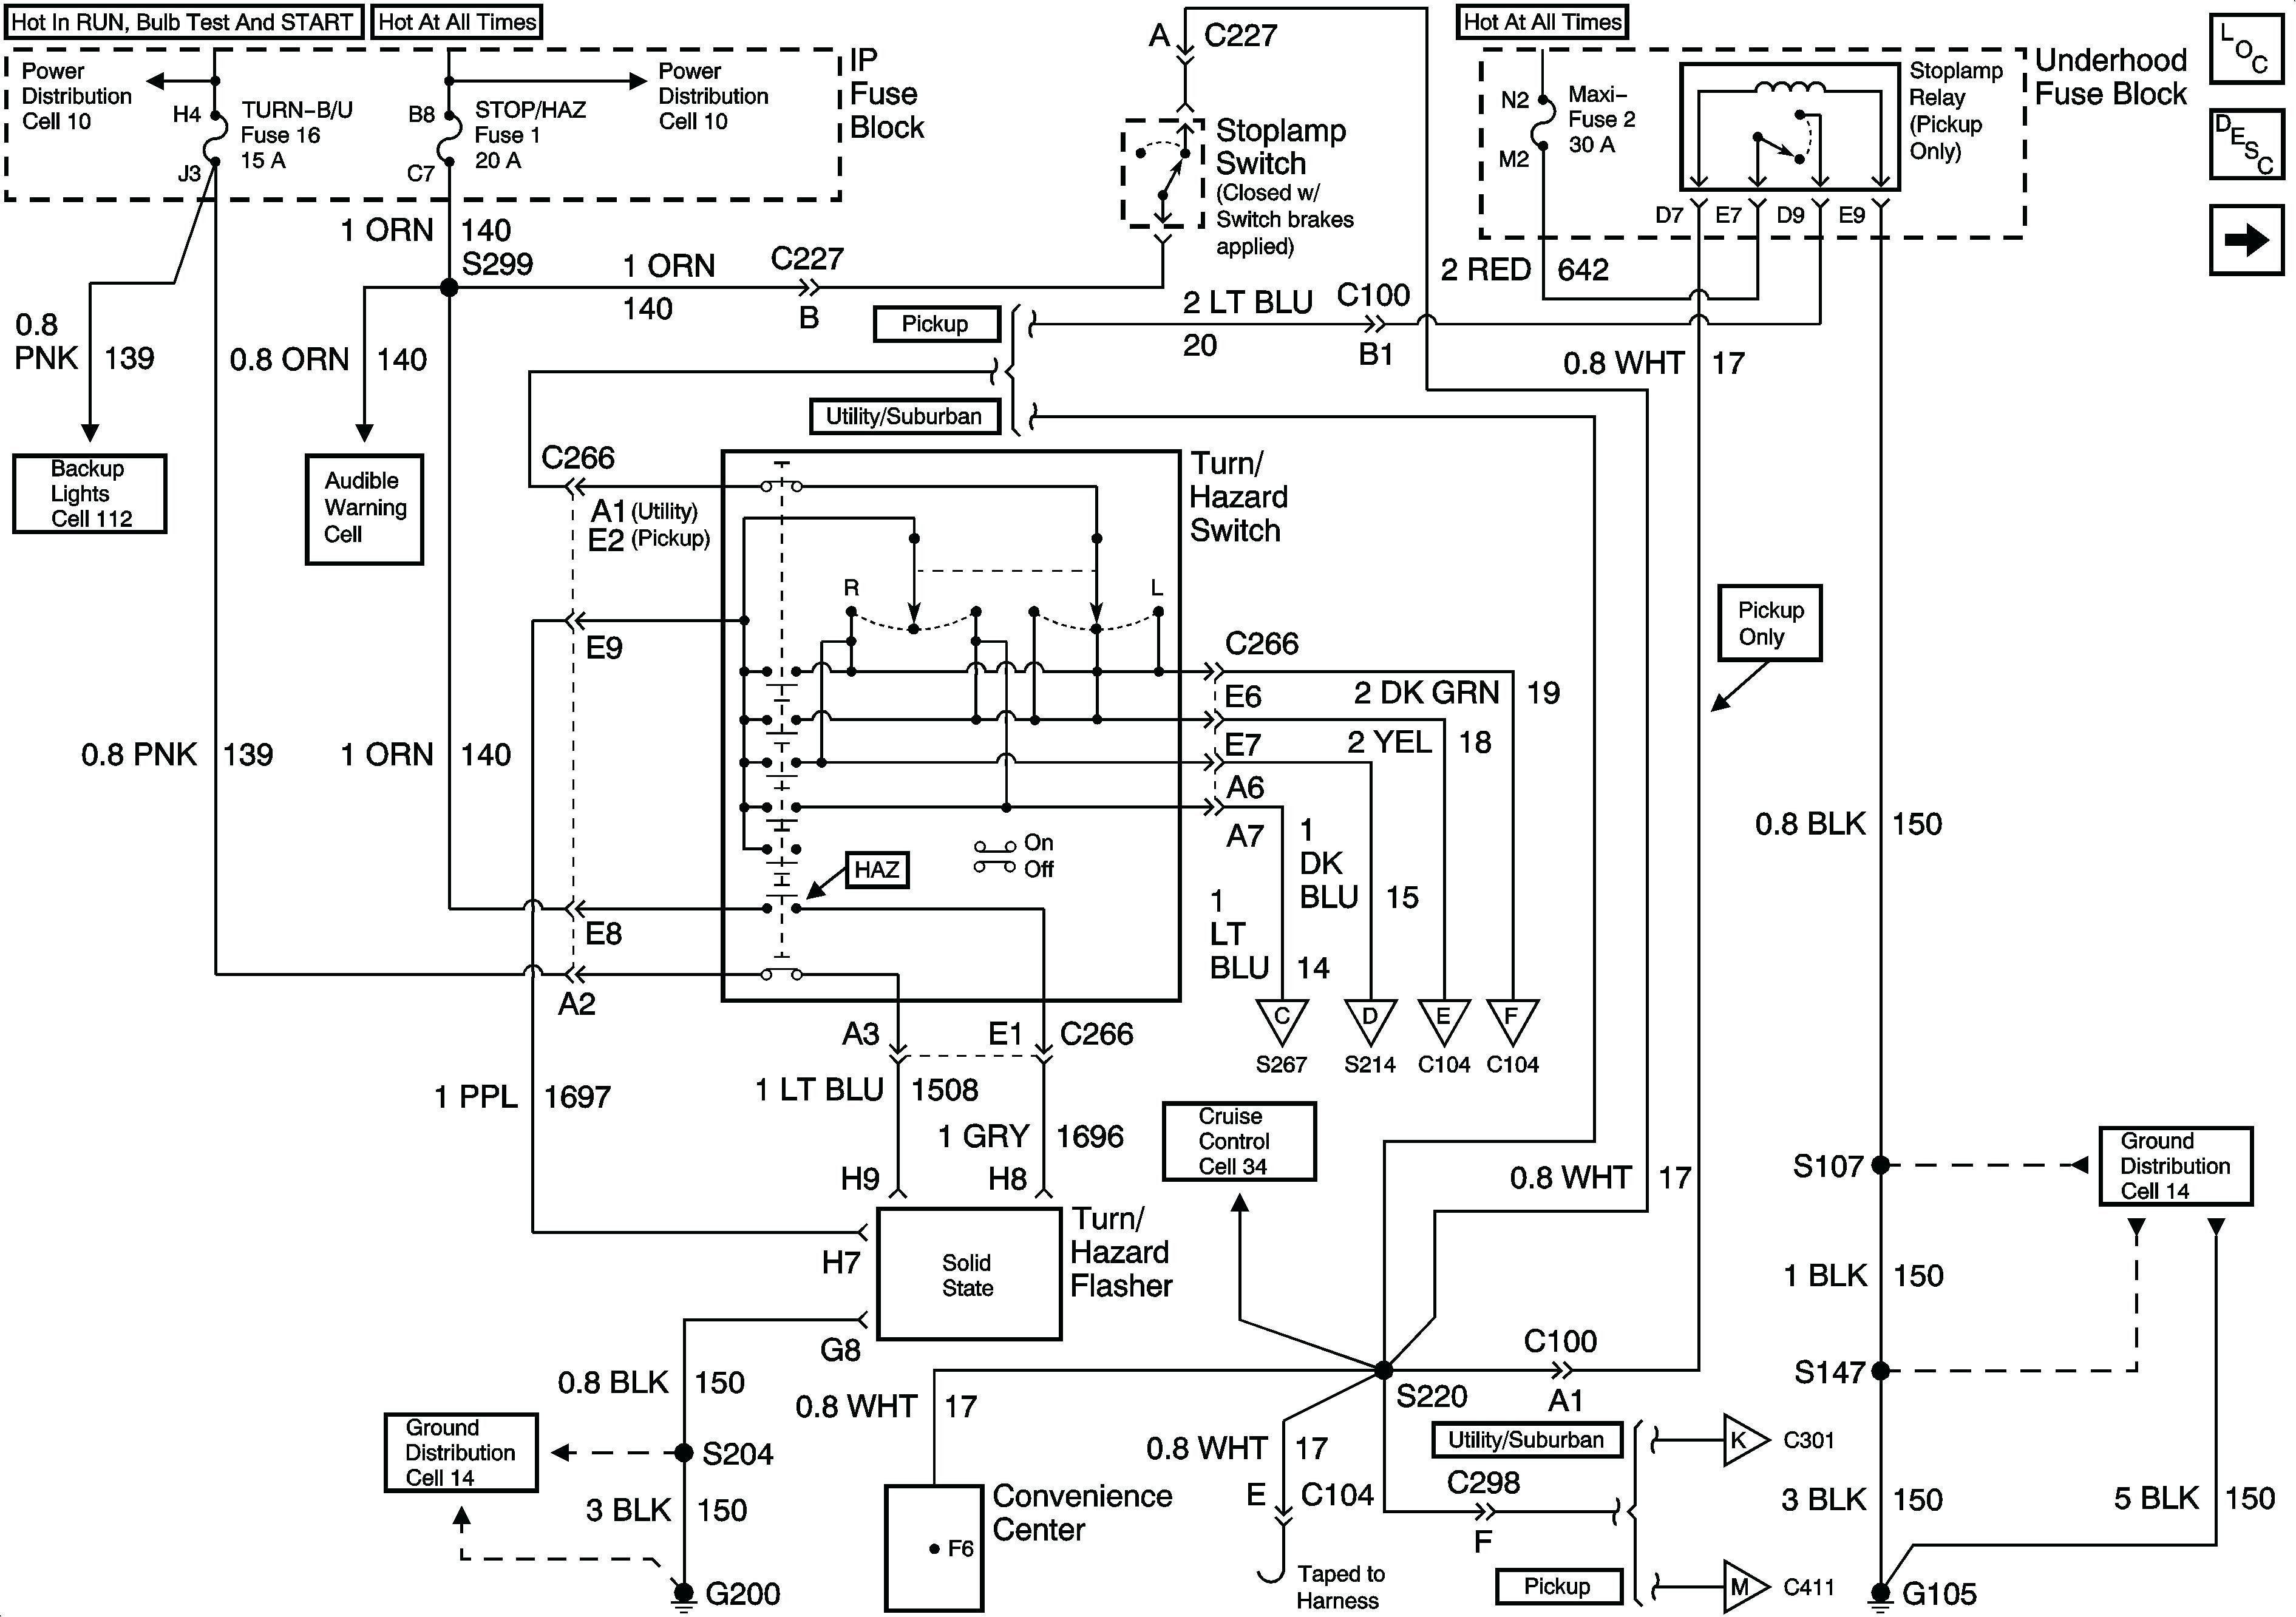 ford contour wiring diagram wiring diagram of motorcycle honda xrm 125 lighting diagram  wiring diagram of motorcycle honda xrm